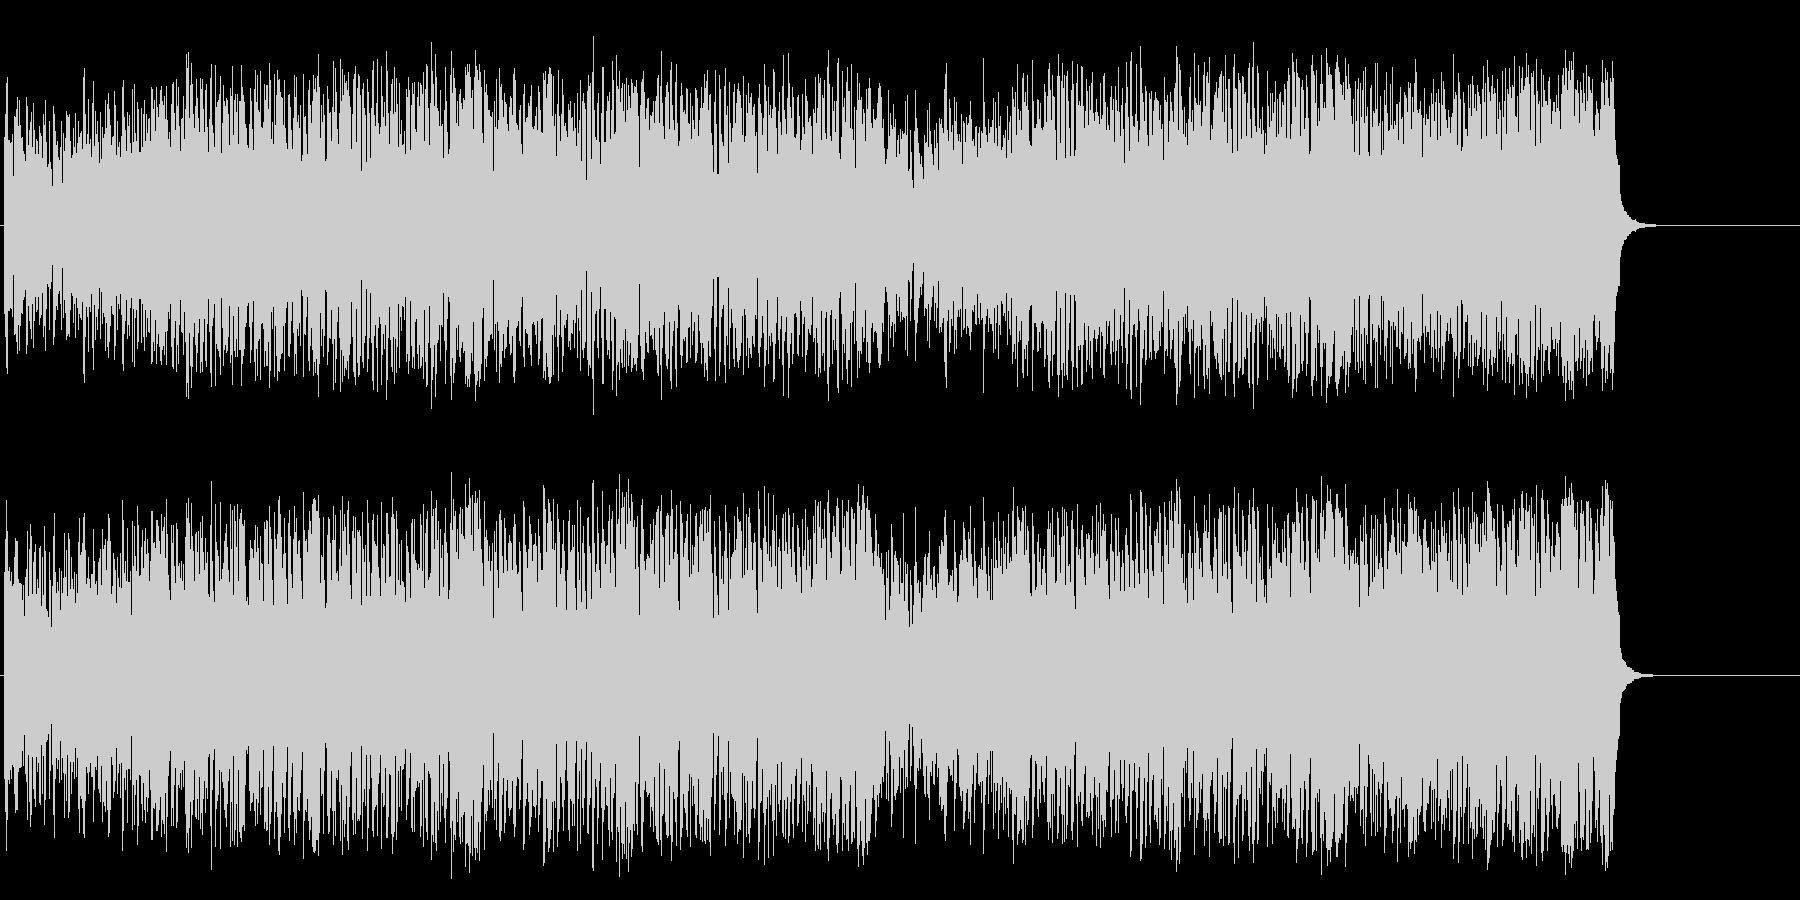 ドタバダ喜劇調のGS風ポップ/マイナーの未再生の波形